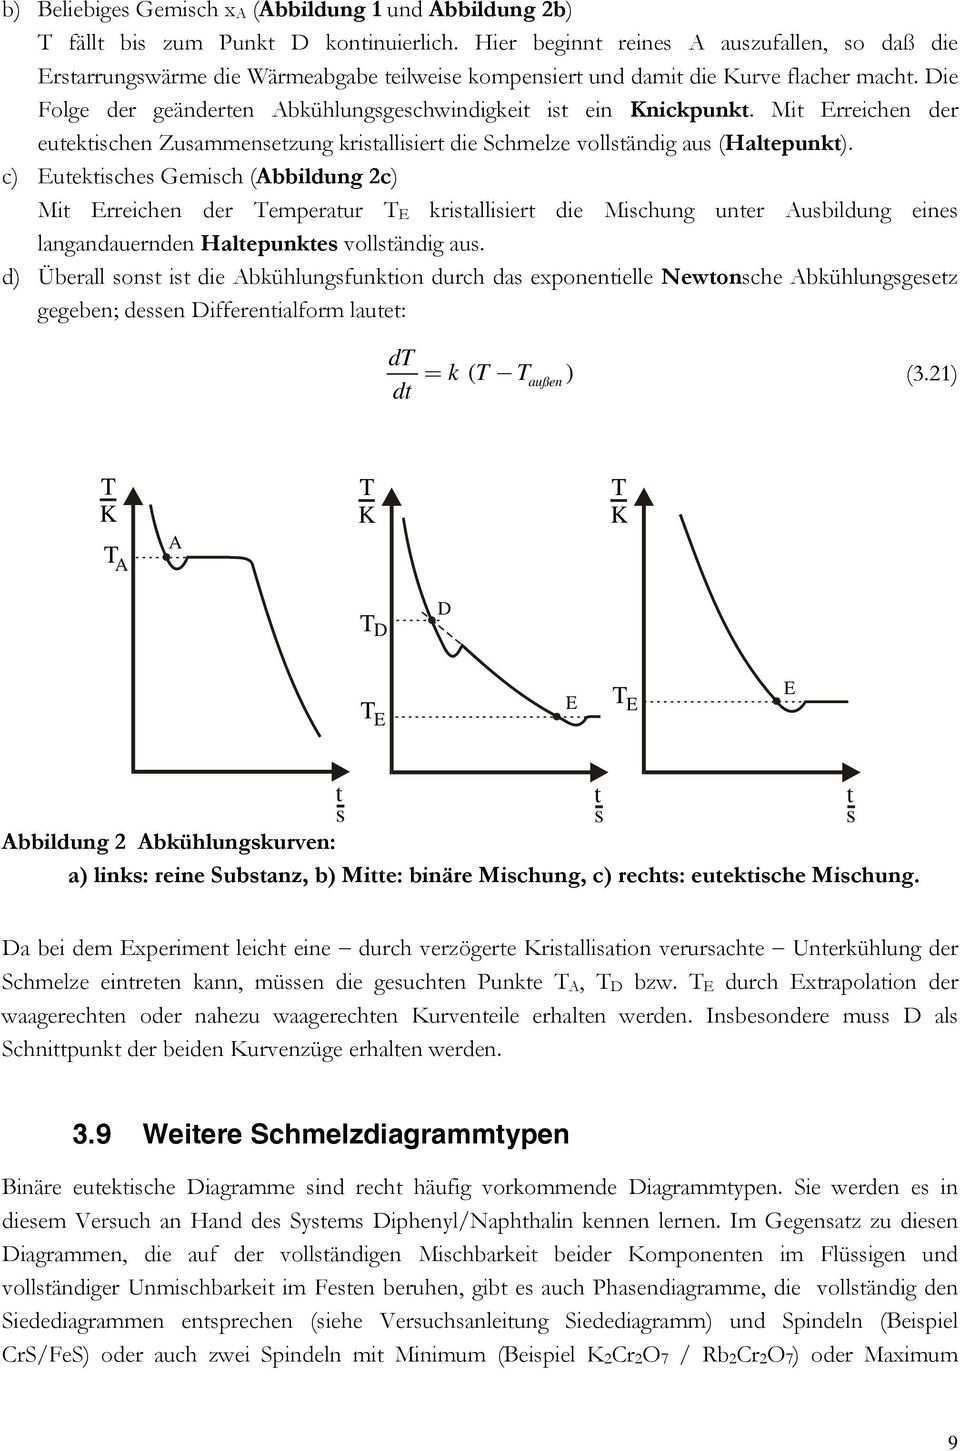 Erstellen Von Binaren Schmelzdiagrammen Flussig Fest Phasendiagrammen Aus Abkuhlungskurven Pdf Free Download